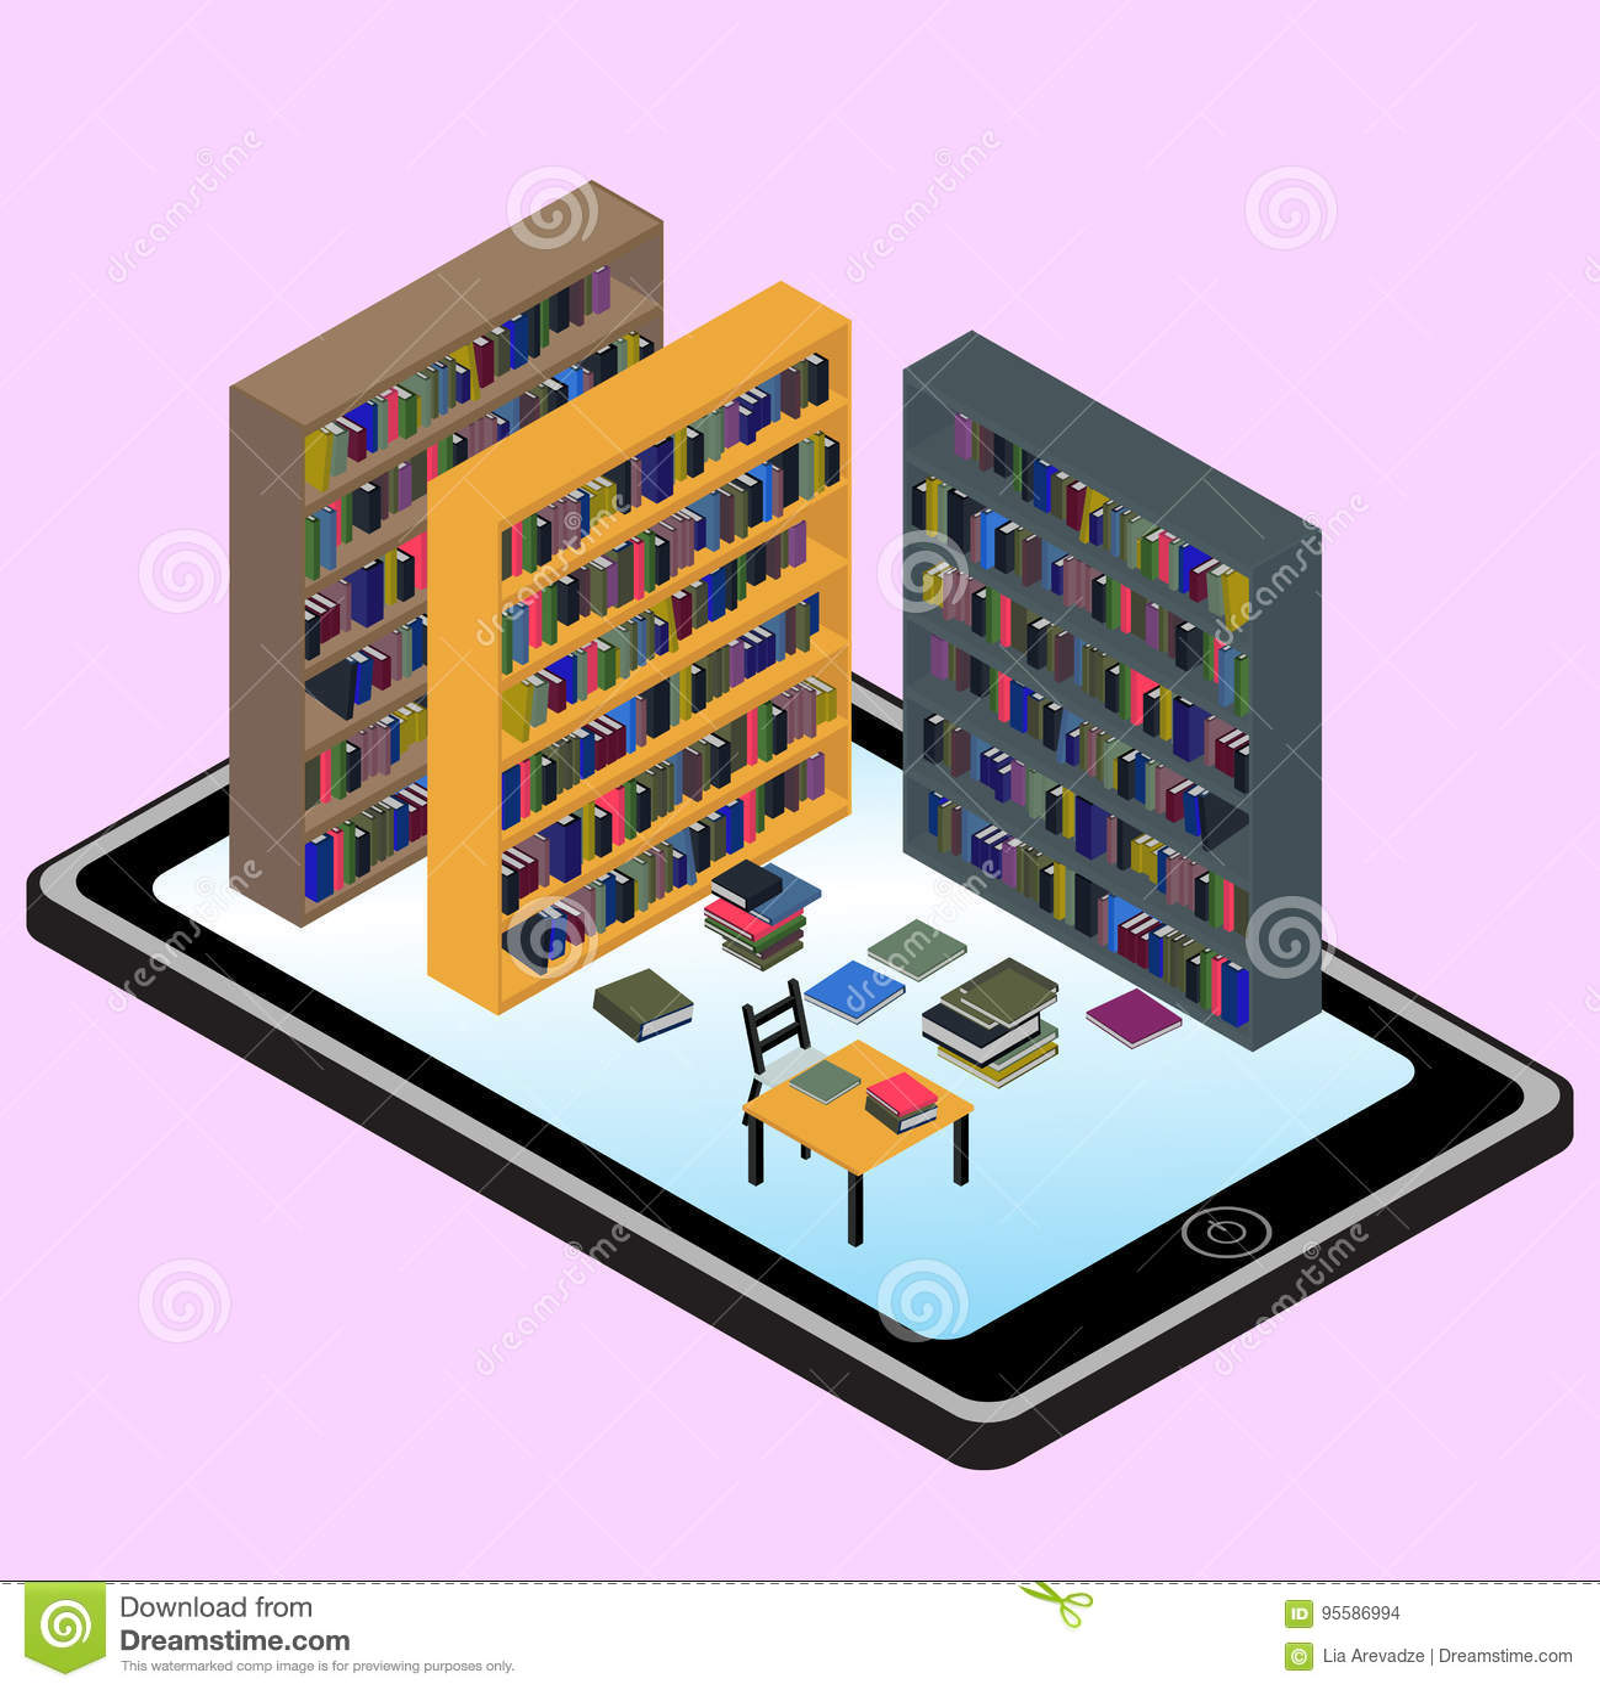 等量infographic关于图书馆和信息在MOBIL中